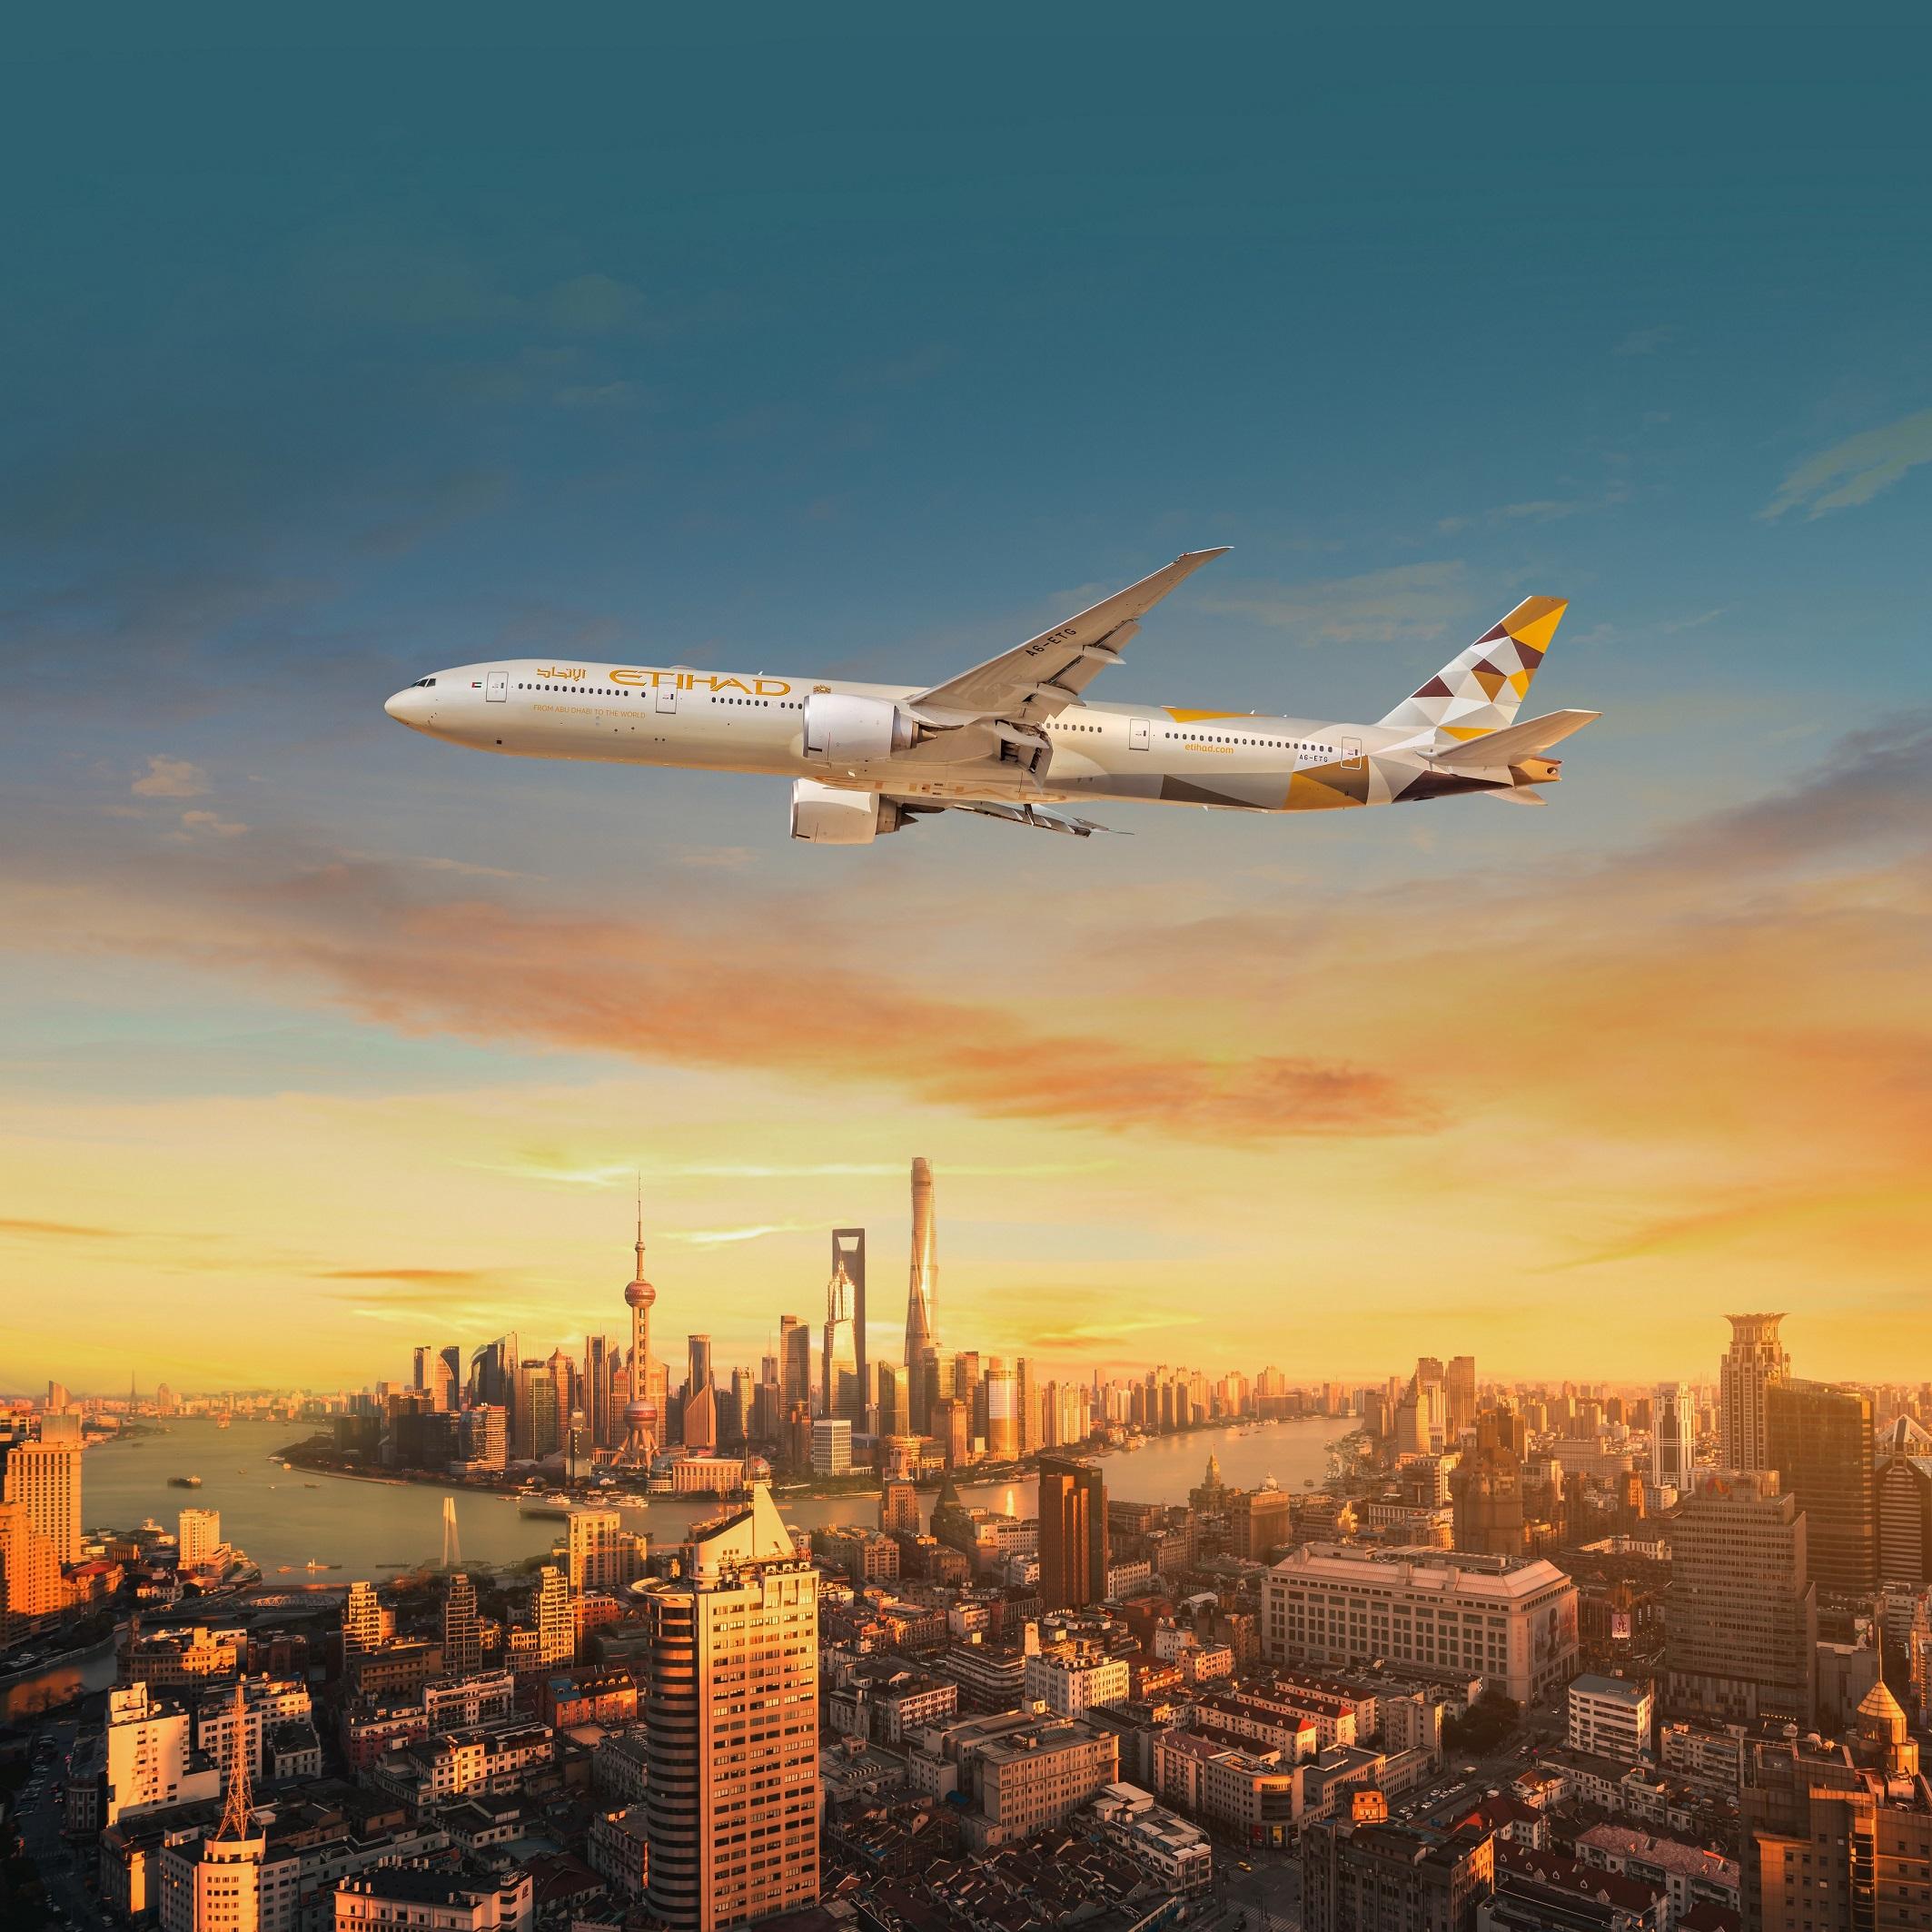 الاتحاد للطيران تستأنف رحلات الركاب إلى شنغهاي